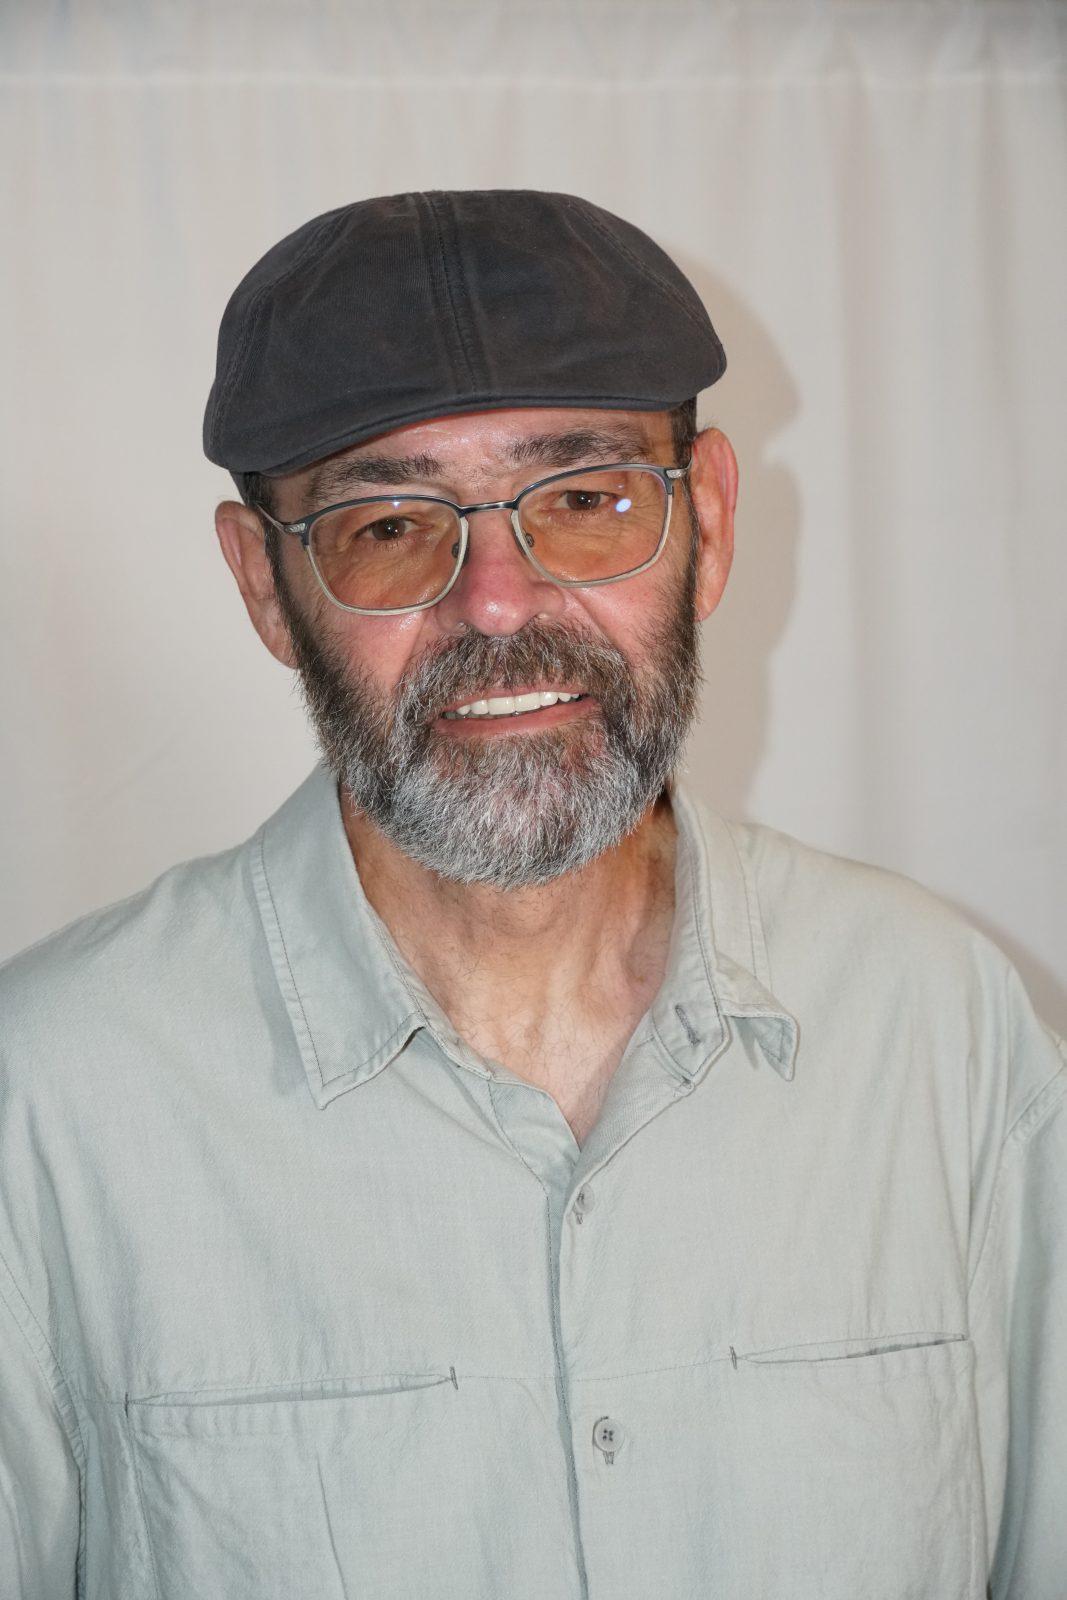 Mario Létourneau veut mettre son expérience au service des citoyens